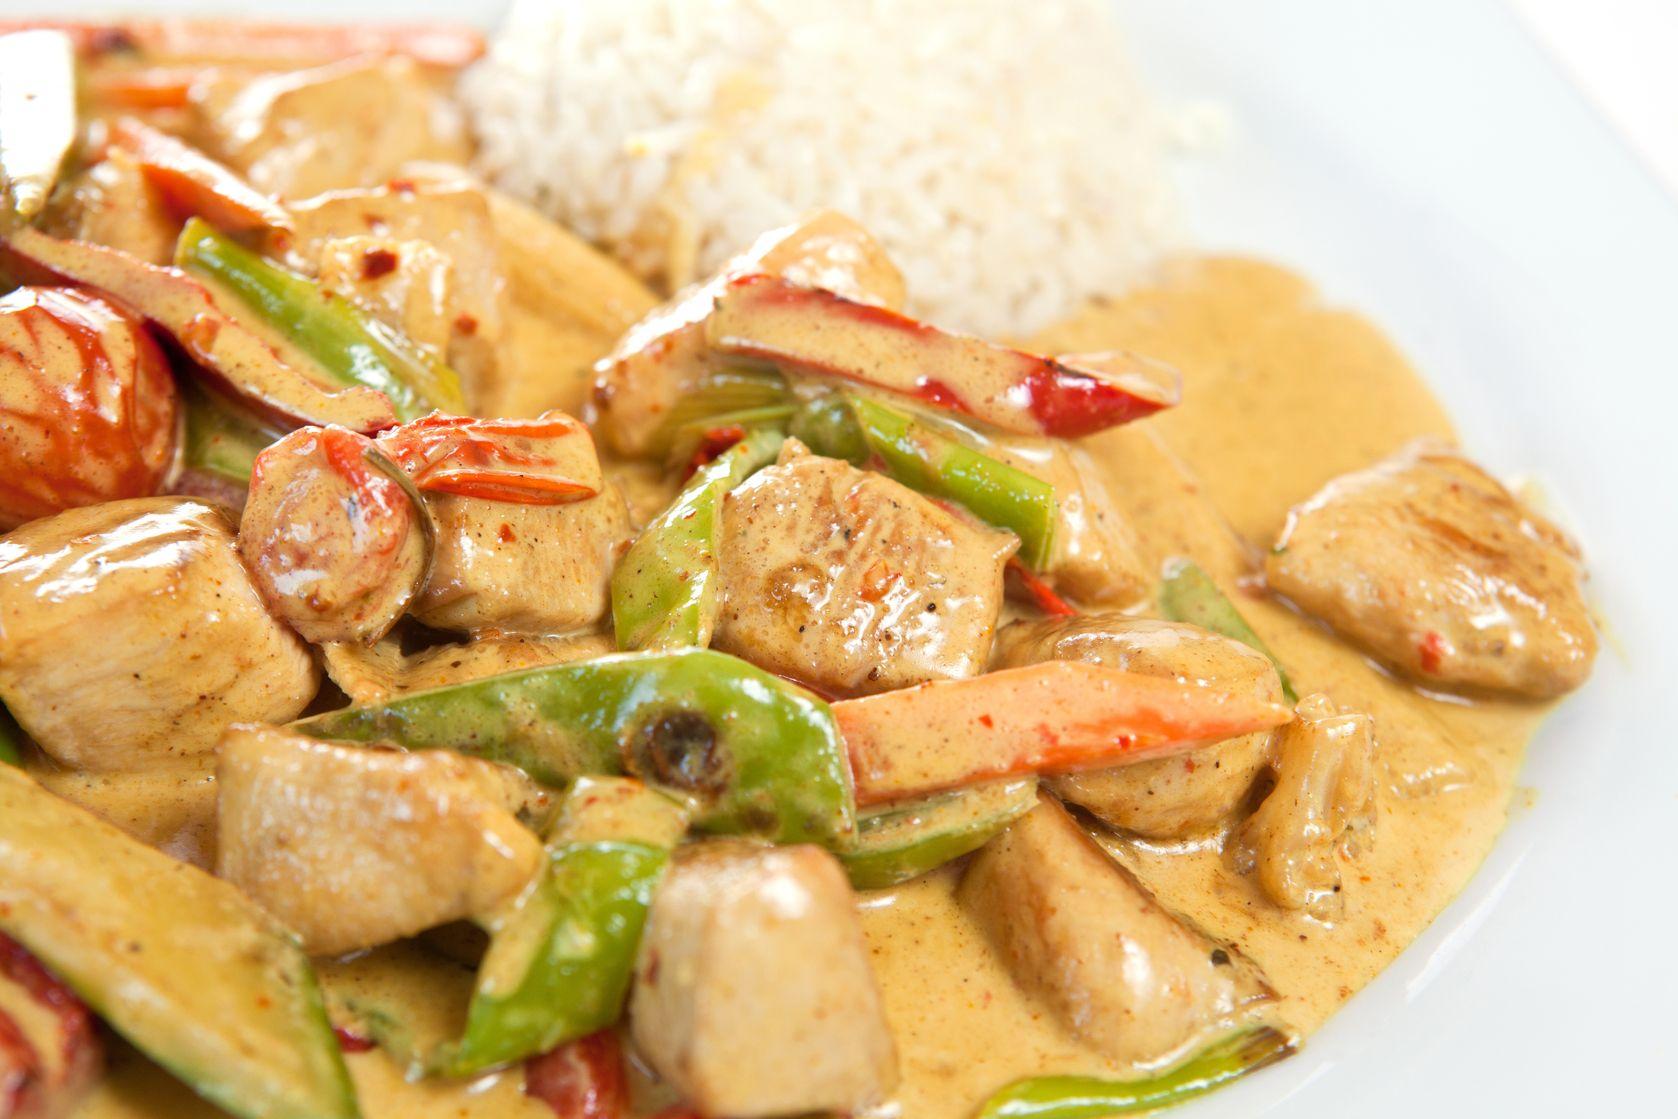 ¡Delicioso! Así se ve el pollo al curry que preparó Leo Morán